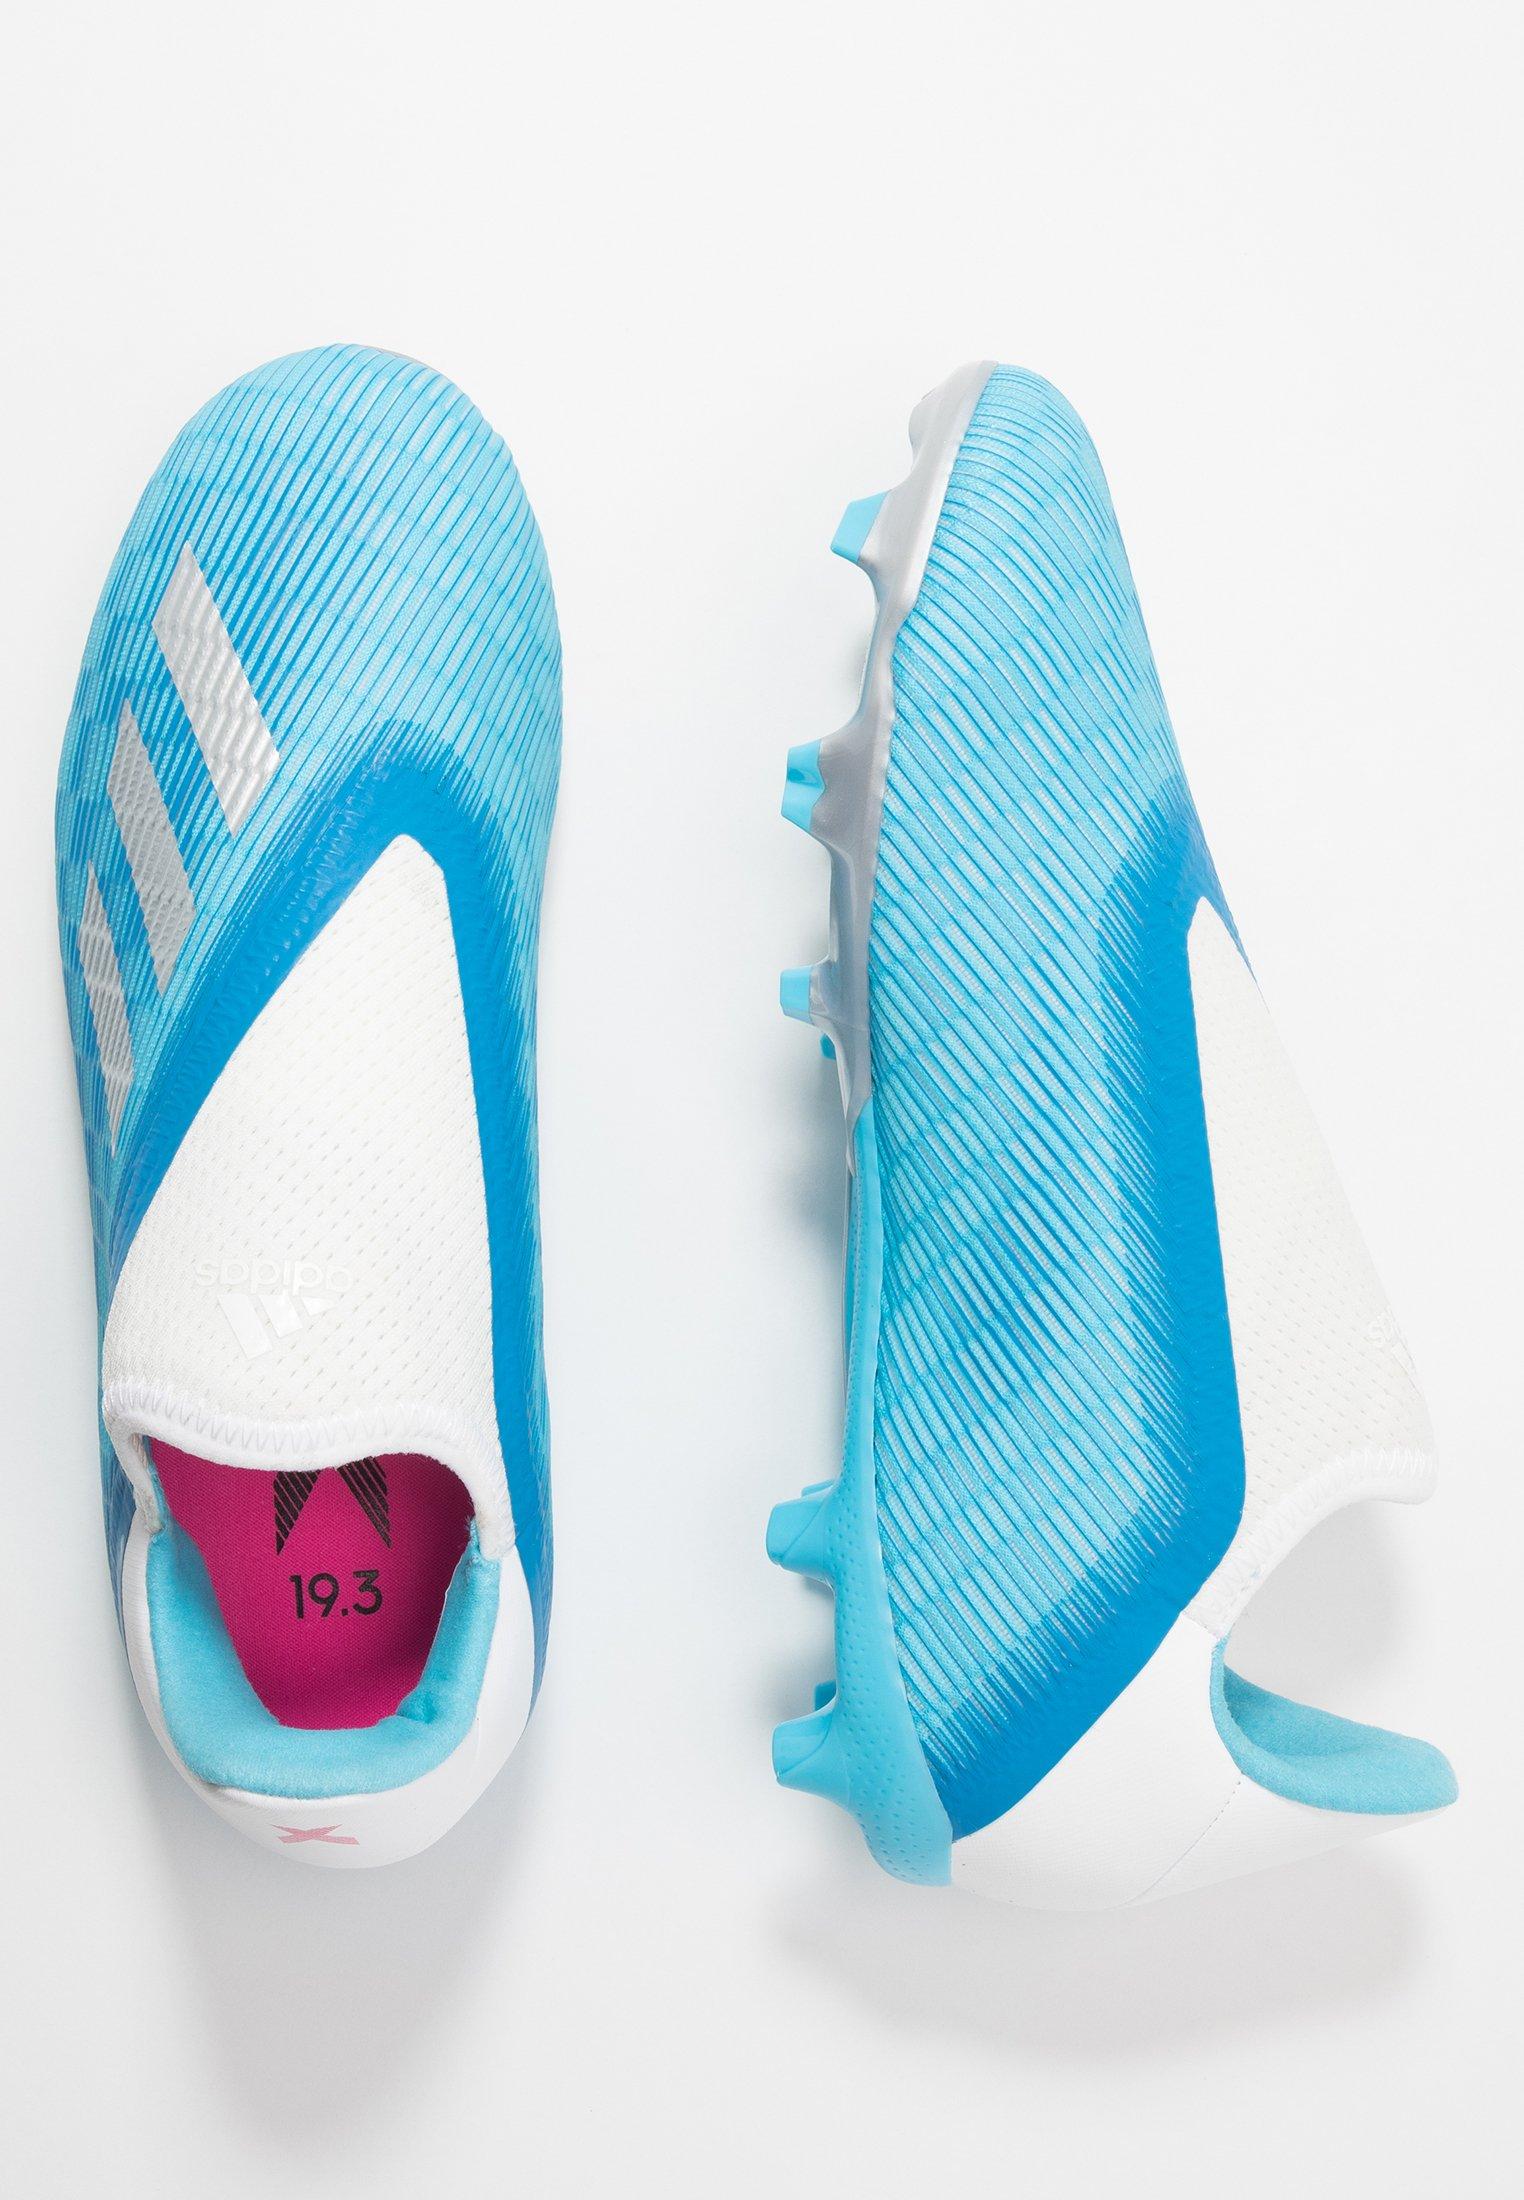 adidas Performance X 19.3 LL FG Fotballsko bright cyan